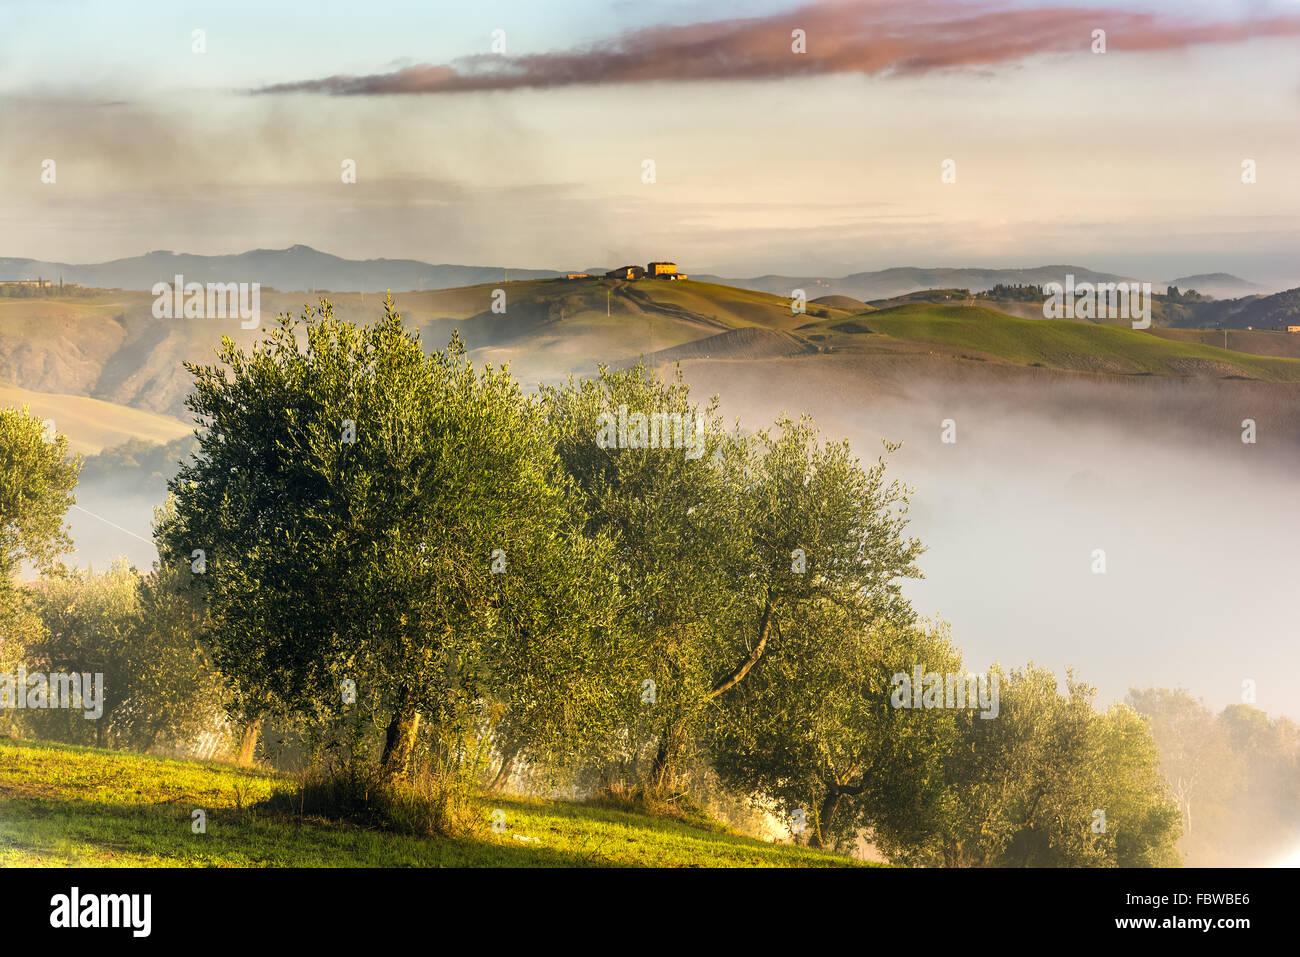 Gli ulivi delle colline della Toscana. Vicino a Asciano Crete Senesi zona, Italia Immagini Stock